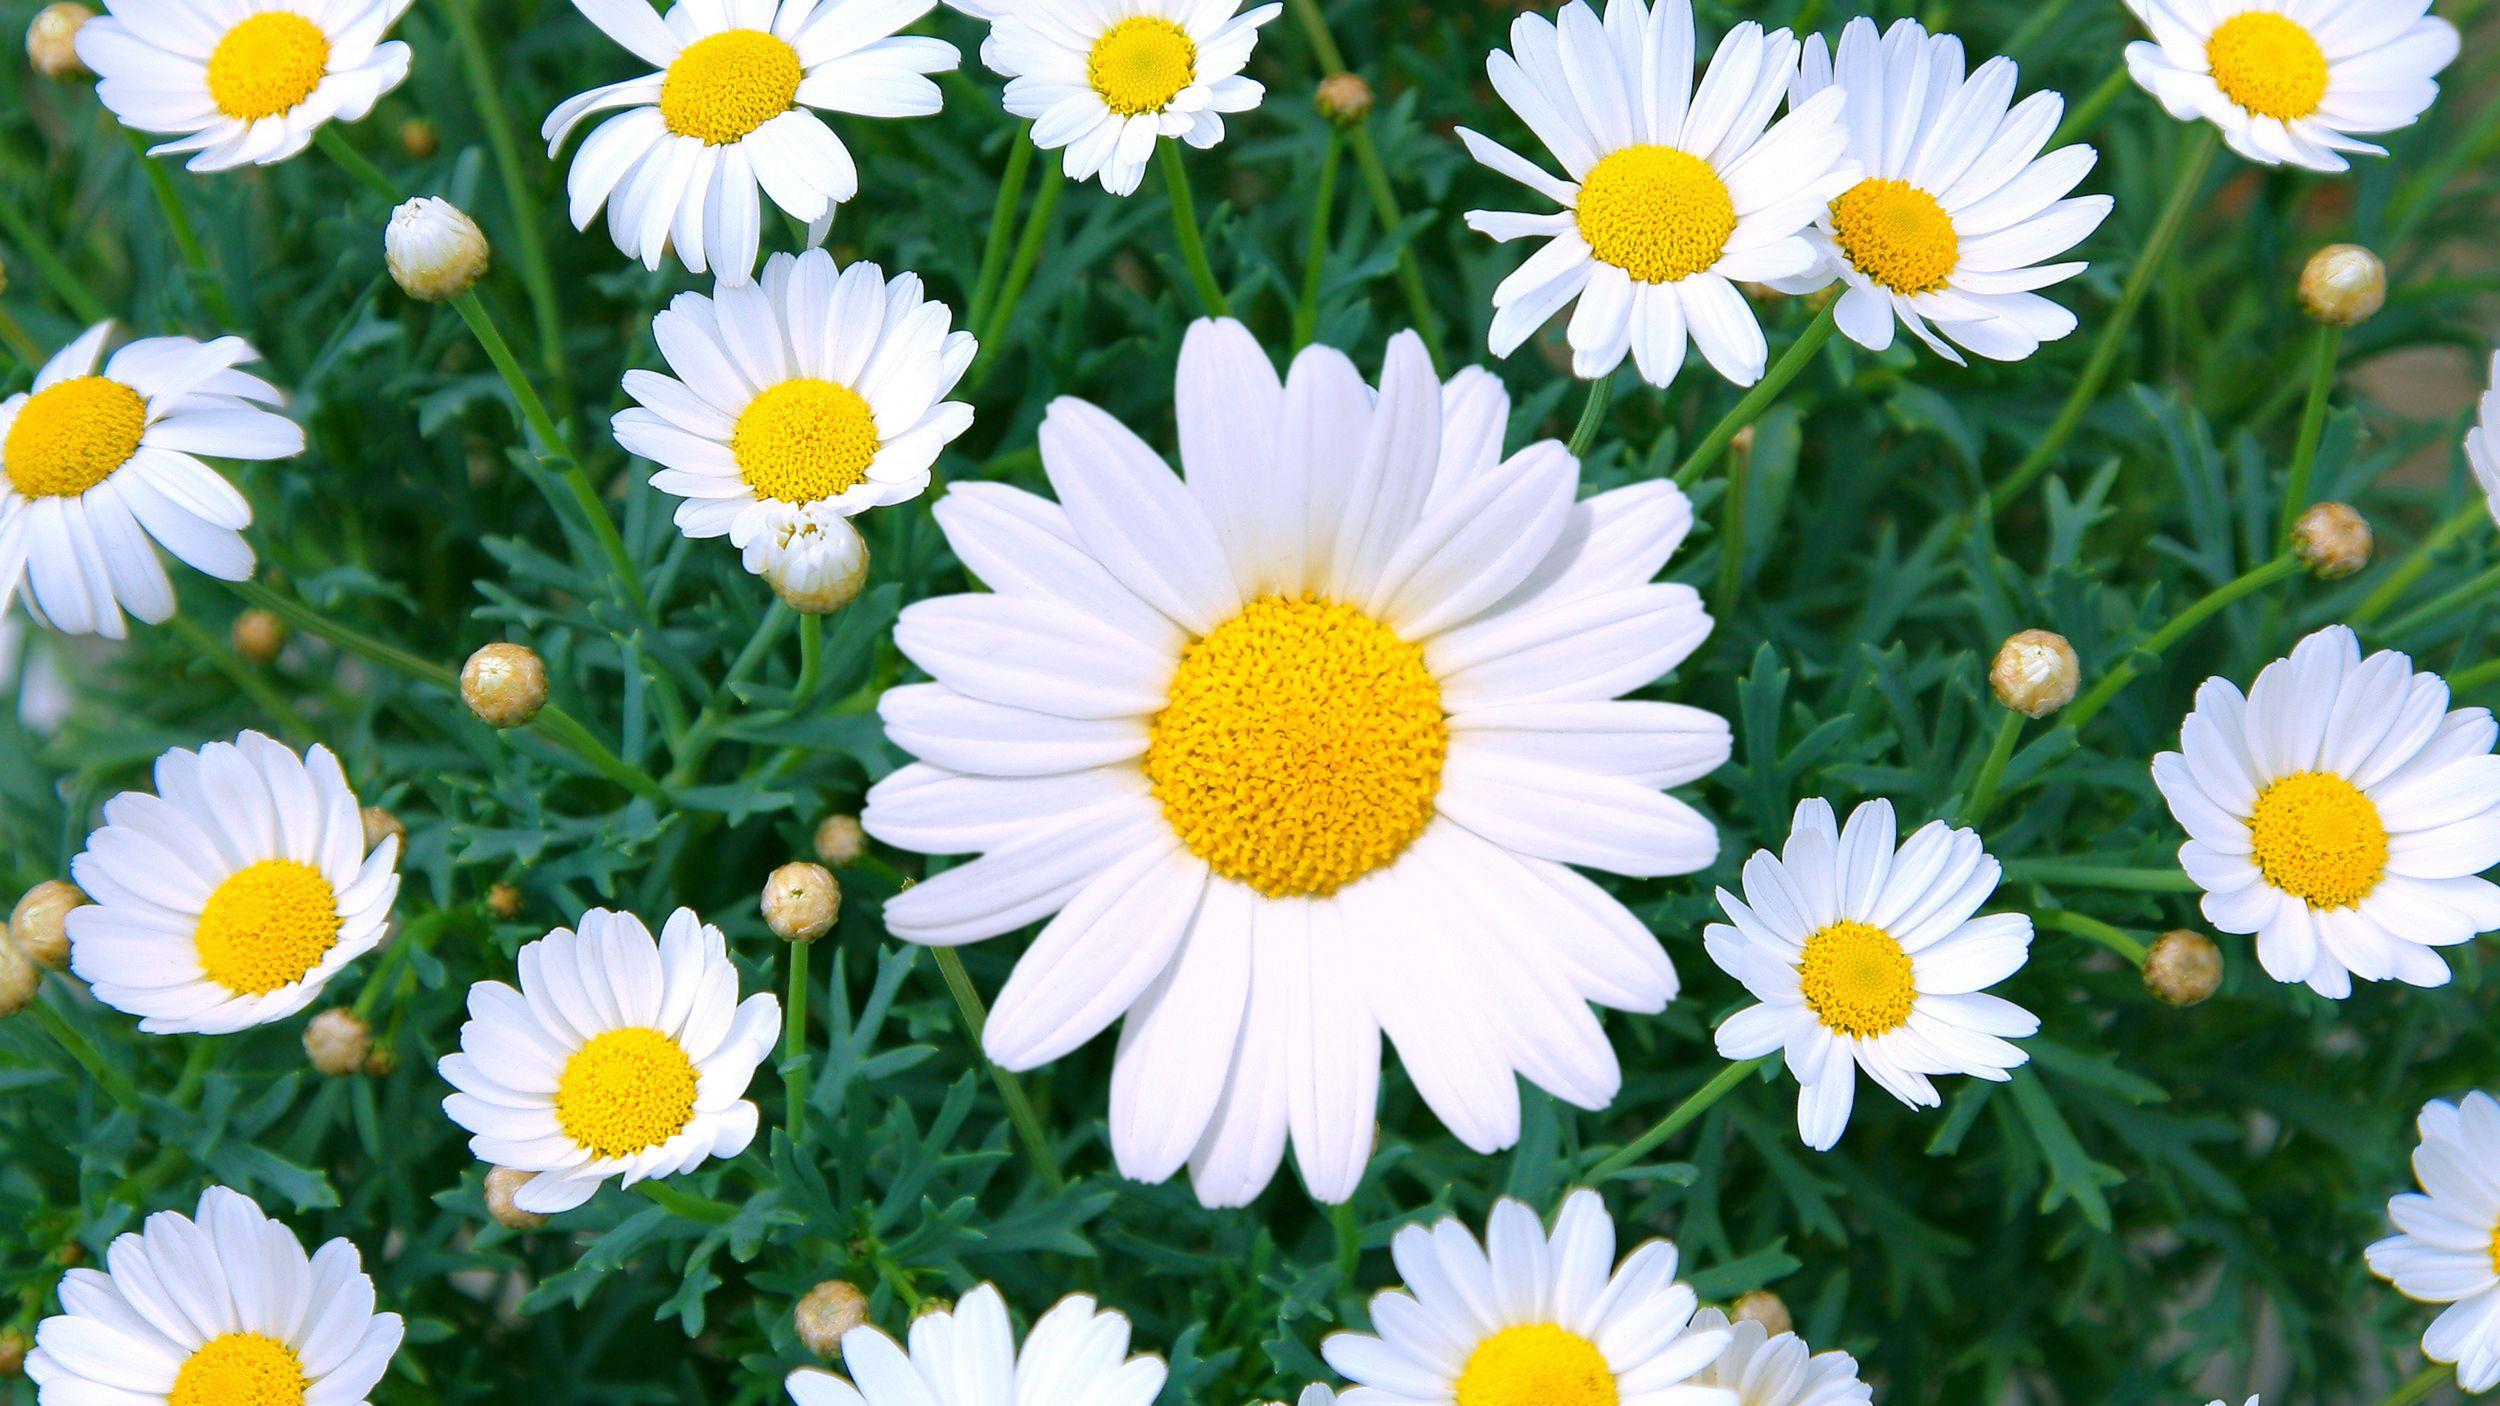 Tải hình ảnh hoa xuyến chi đẹp về máy